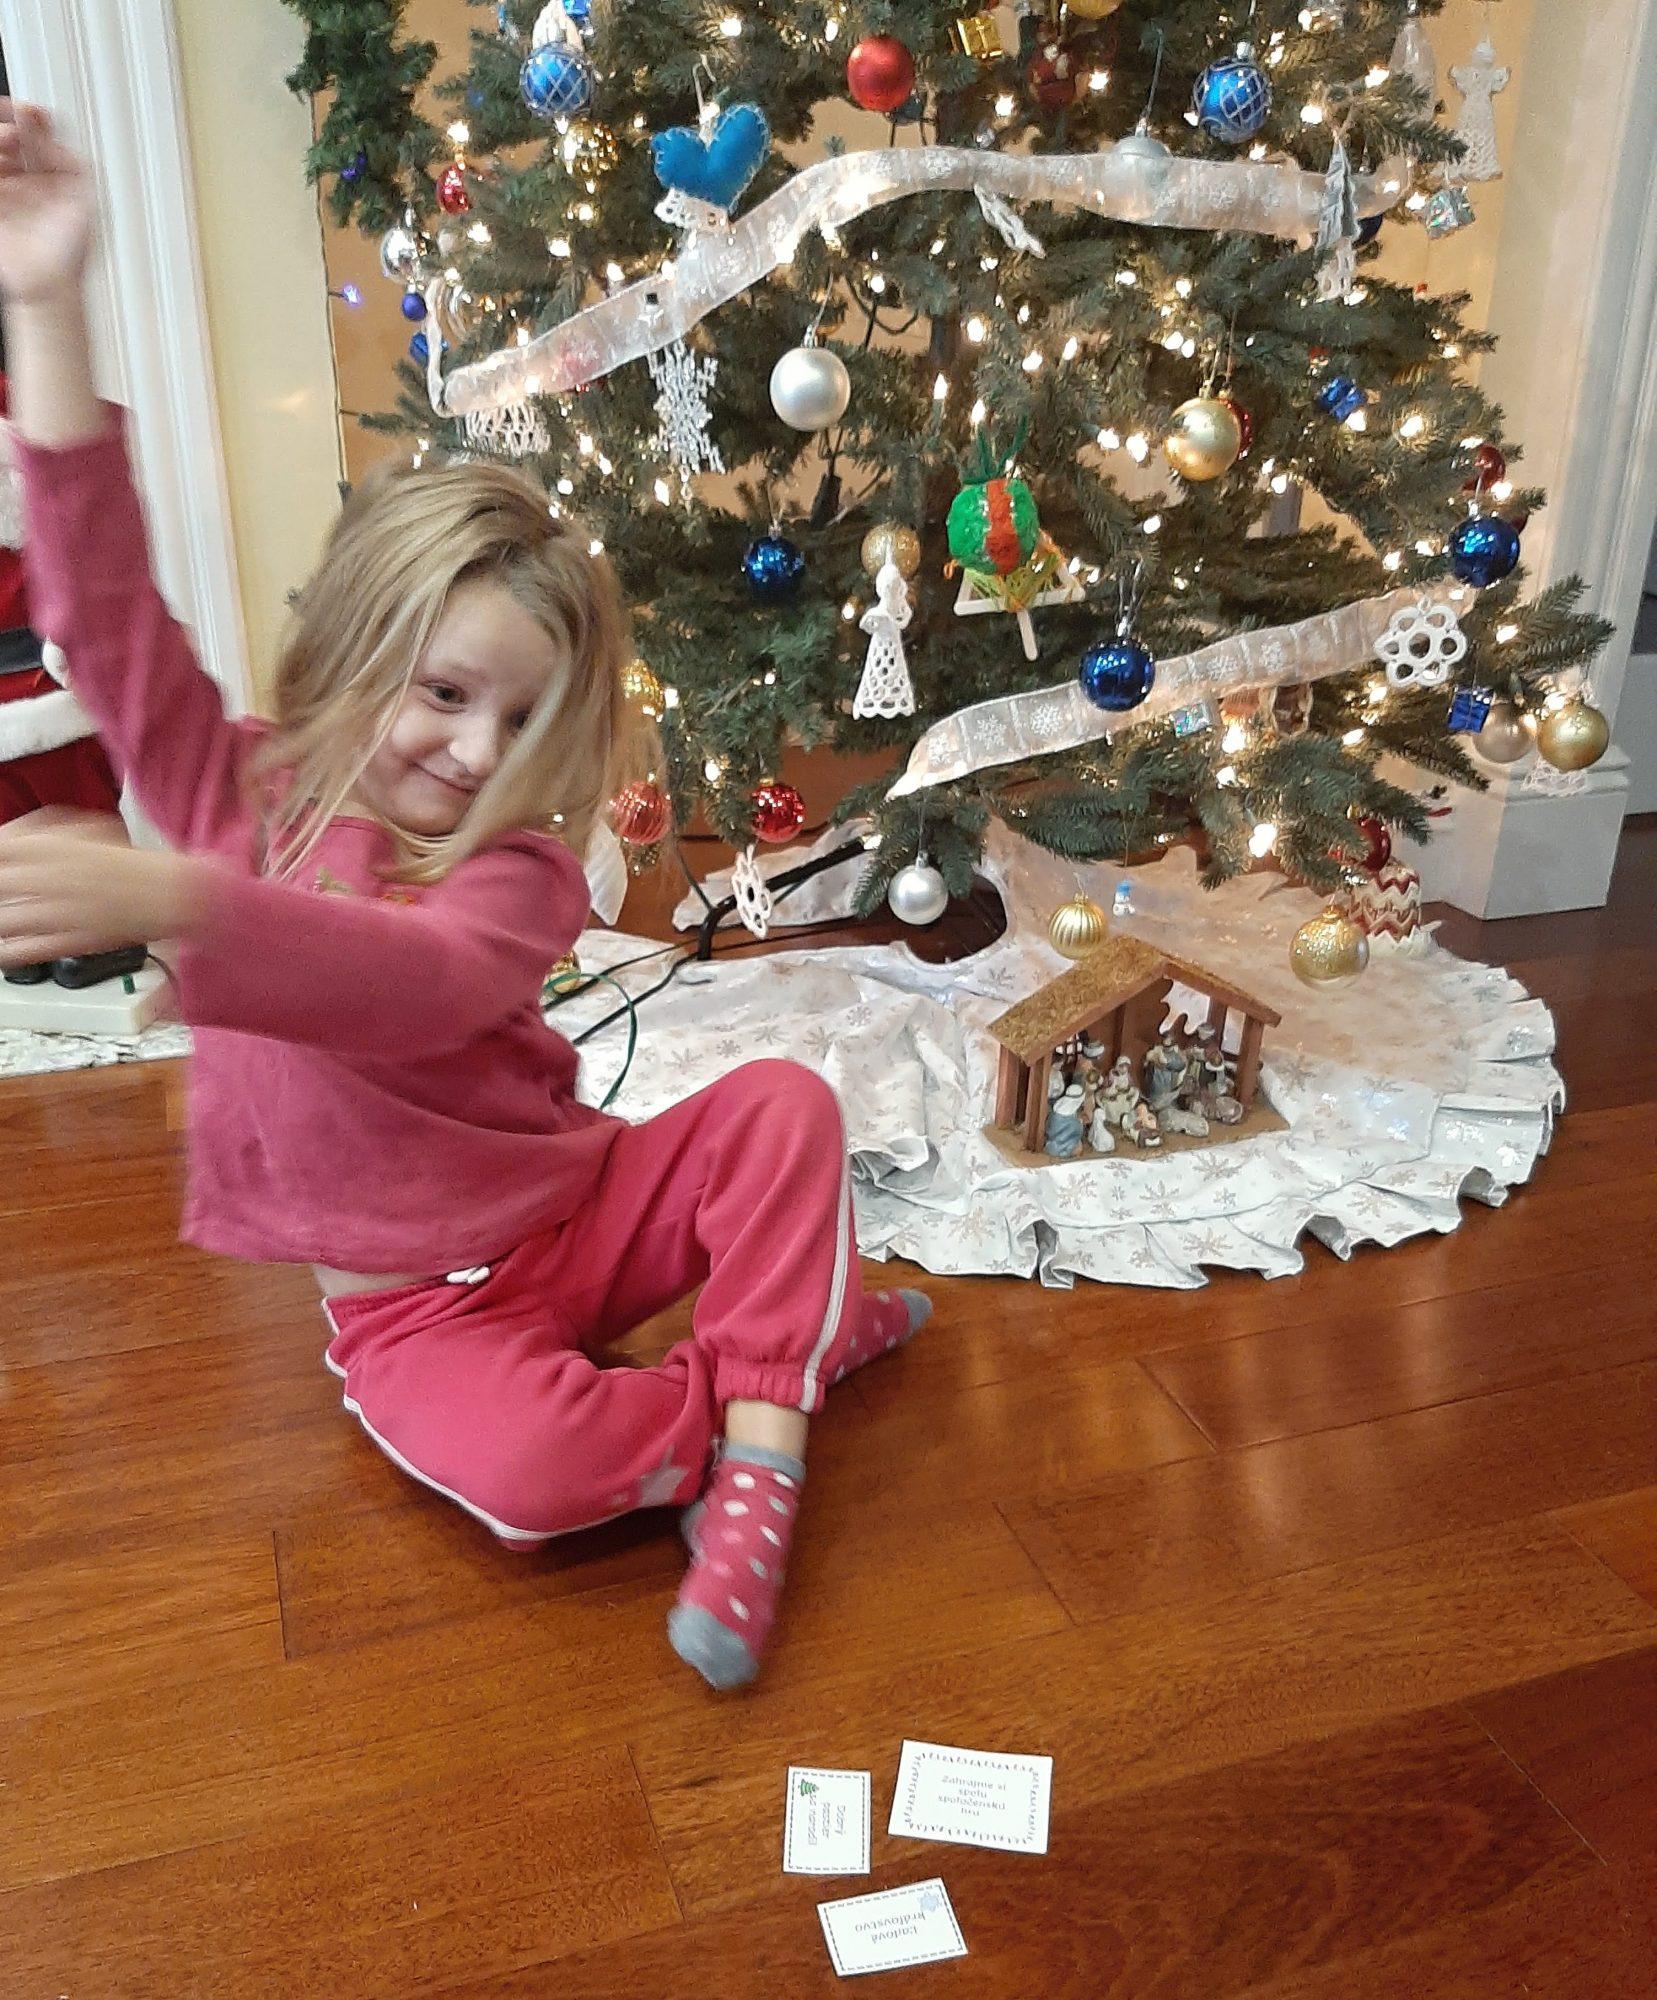 vianočné šarády